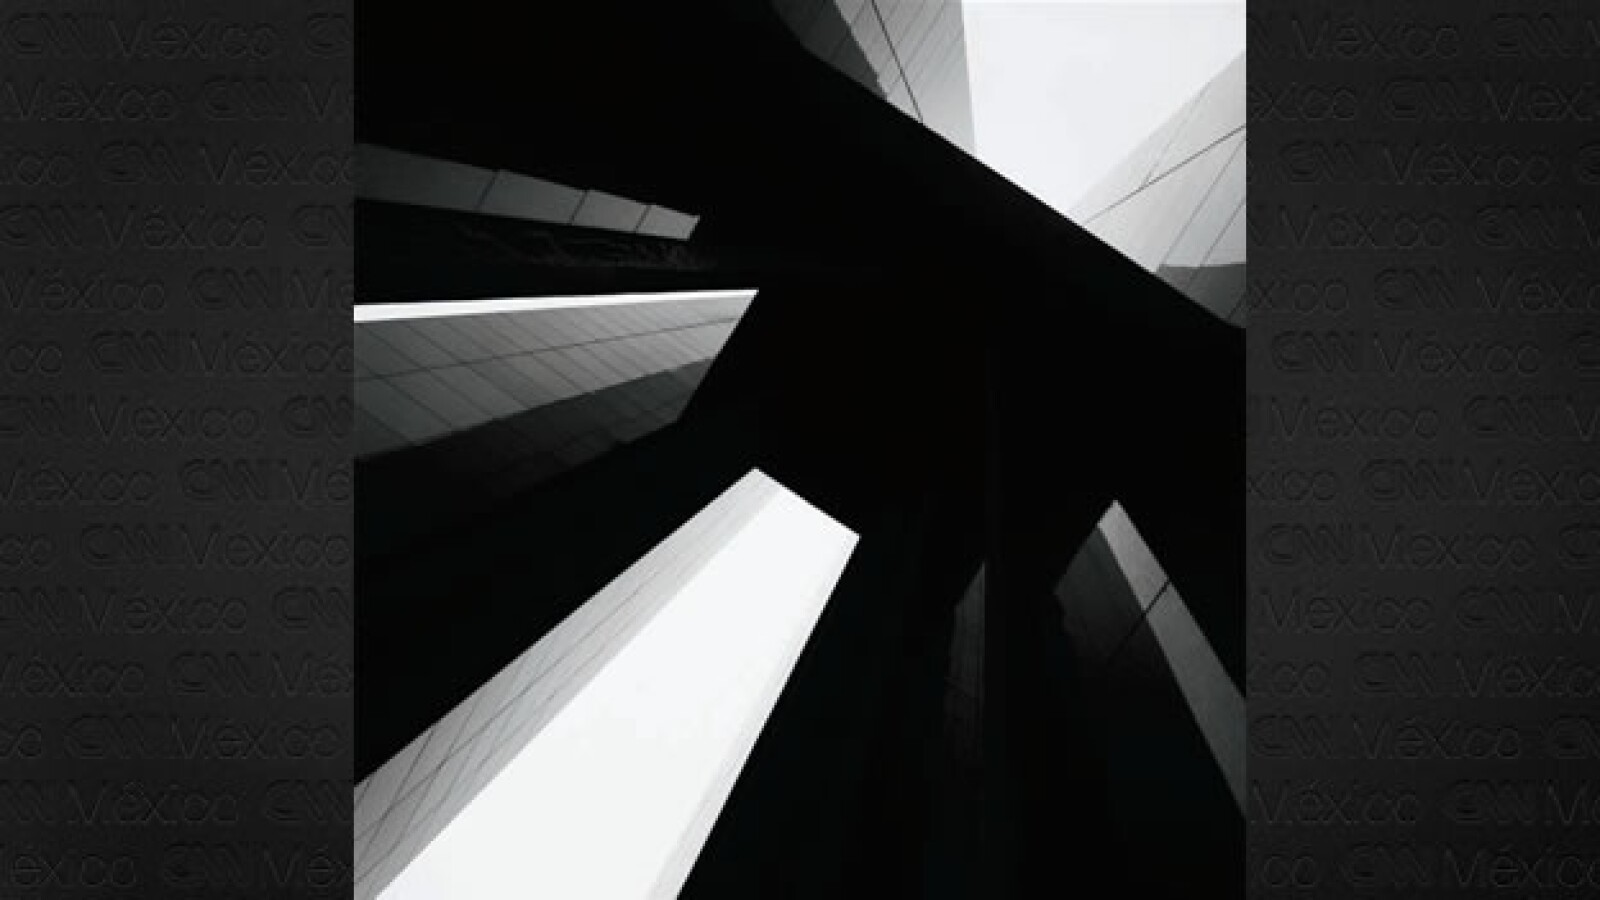 Primer lugar. Perspectivas 3 busca reconocer el valor estético de la arquitectura y procesos de construcción.